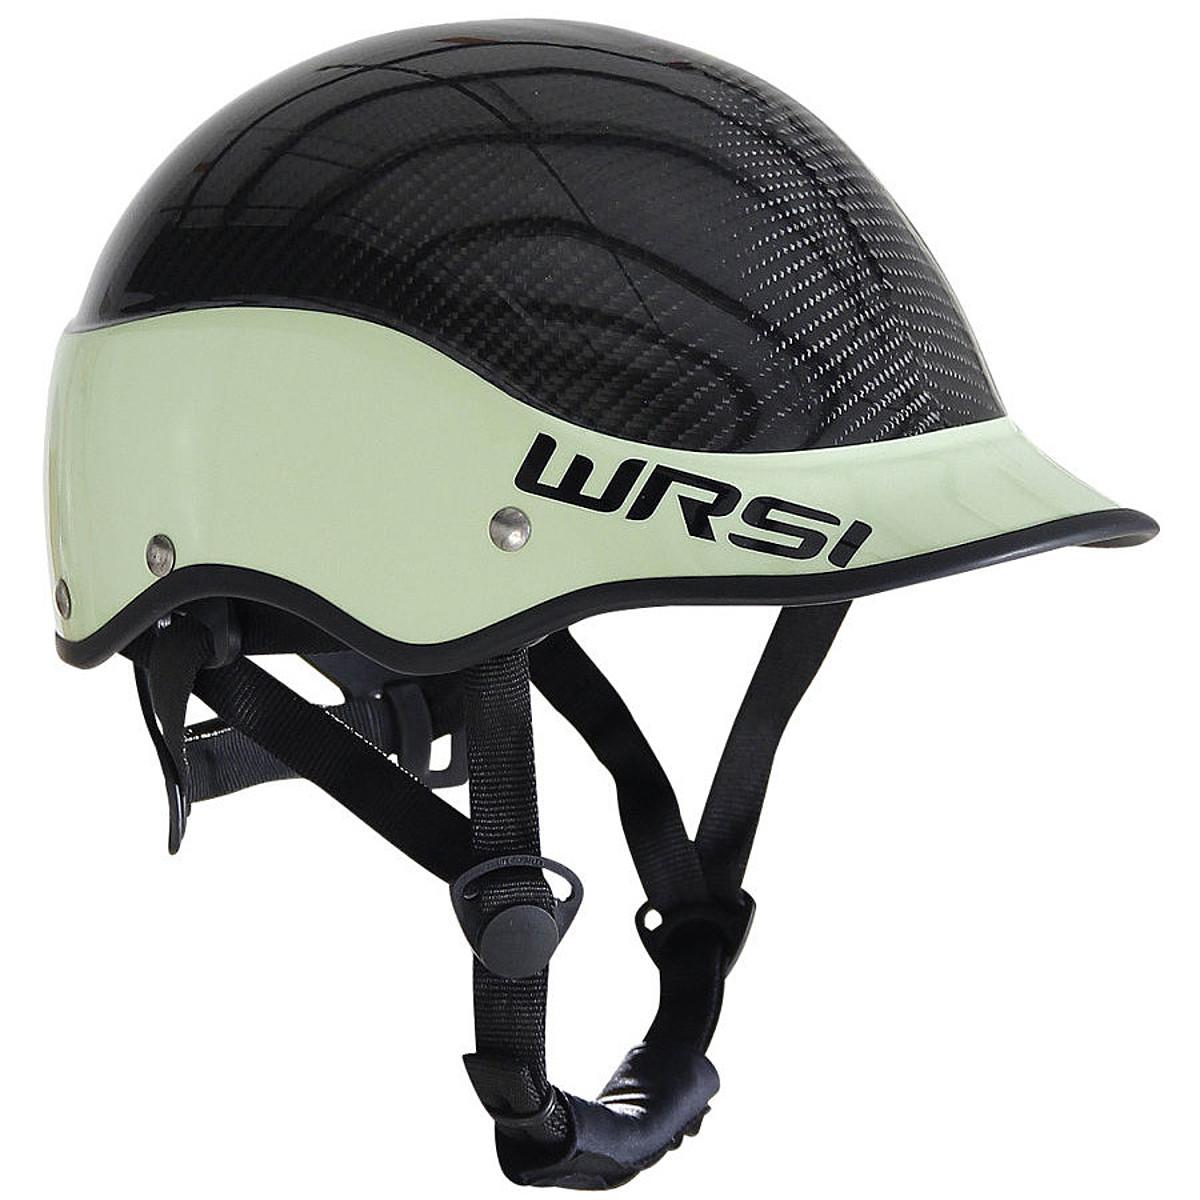 WRSI Trident Composite